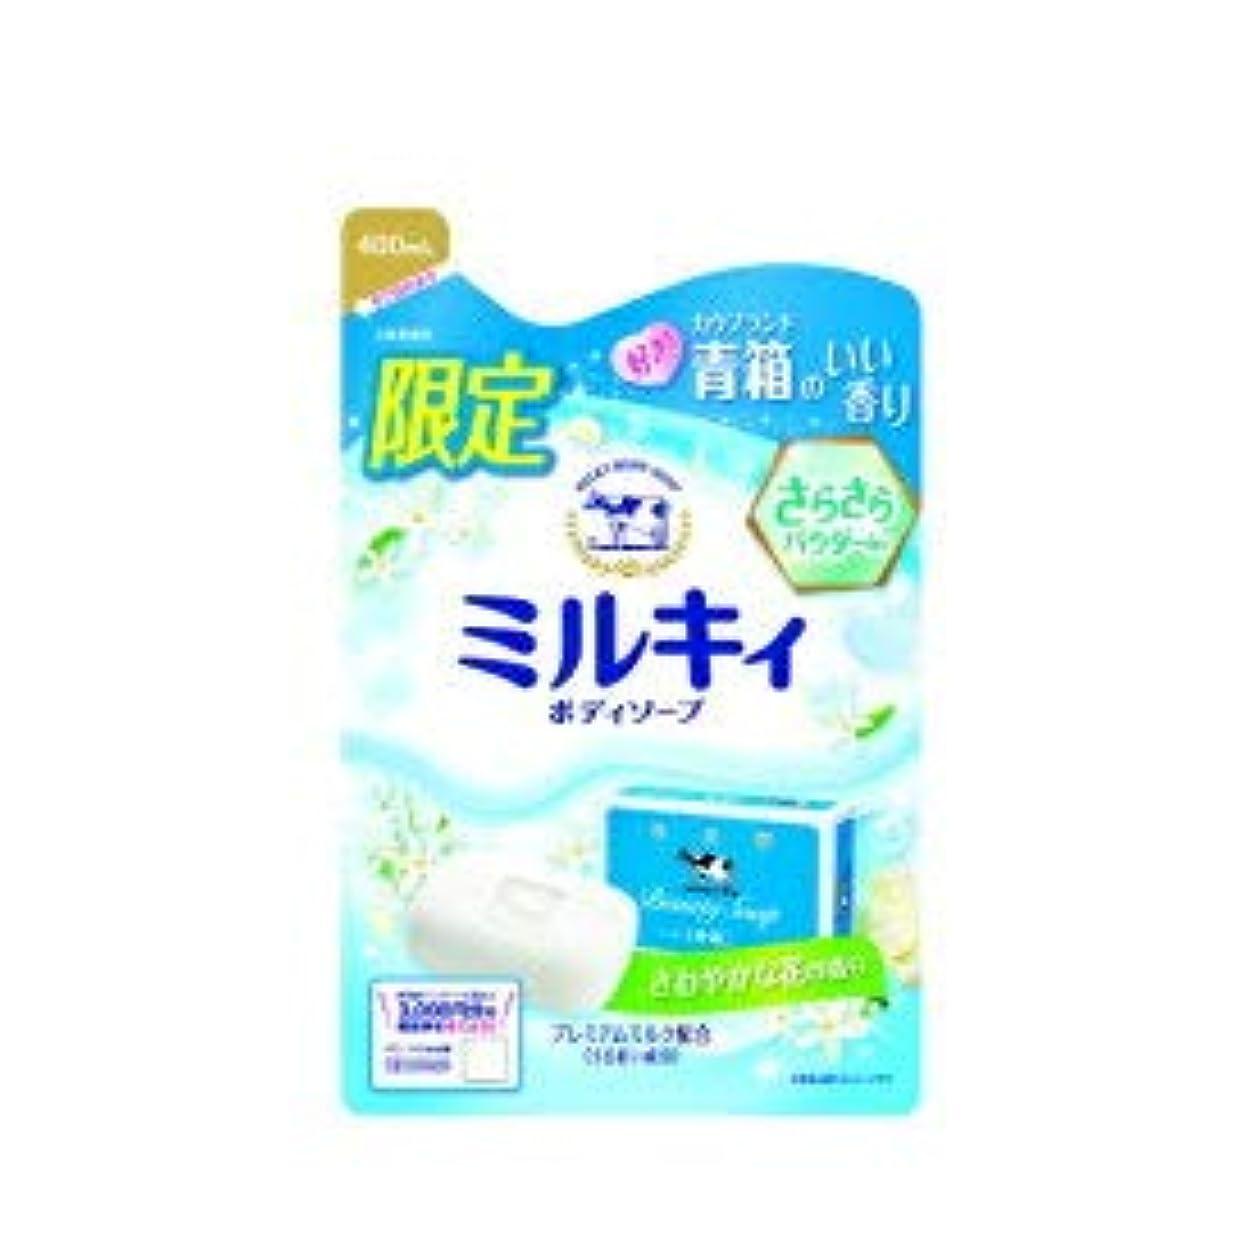 超越する地区材料【限定】ミルキィボディソープ 青箱の香り 詰替 400ml